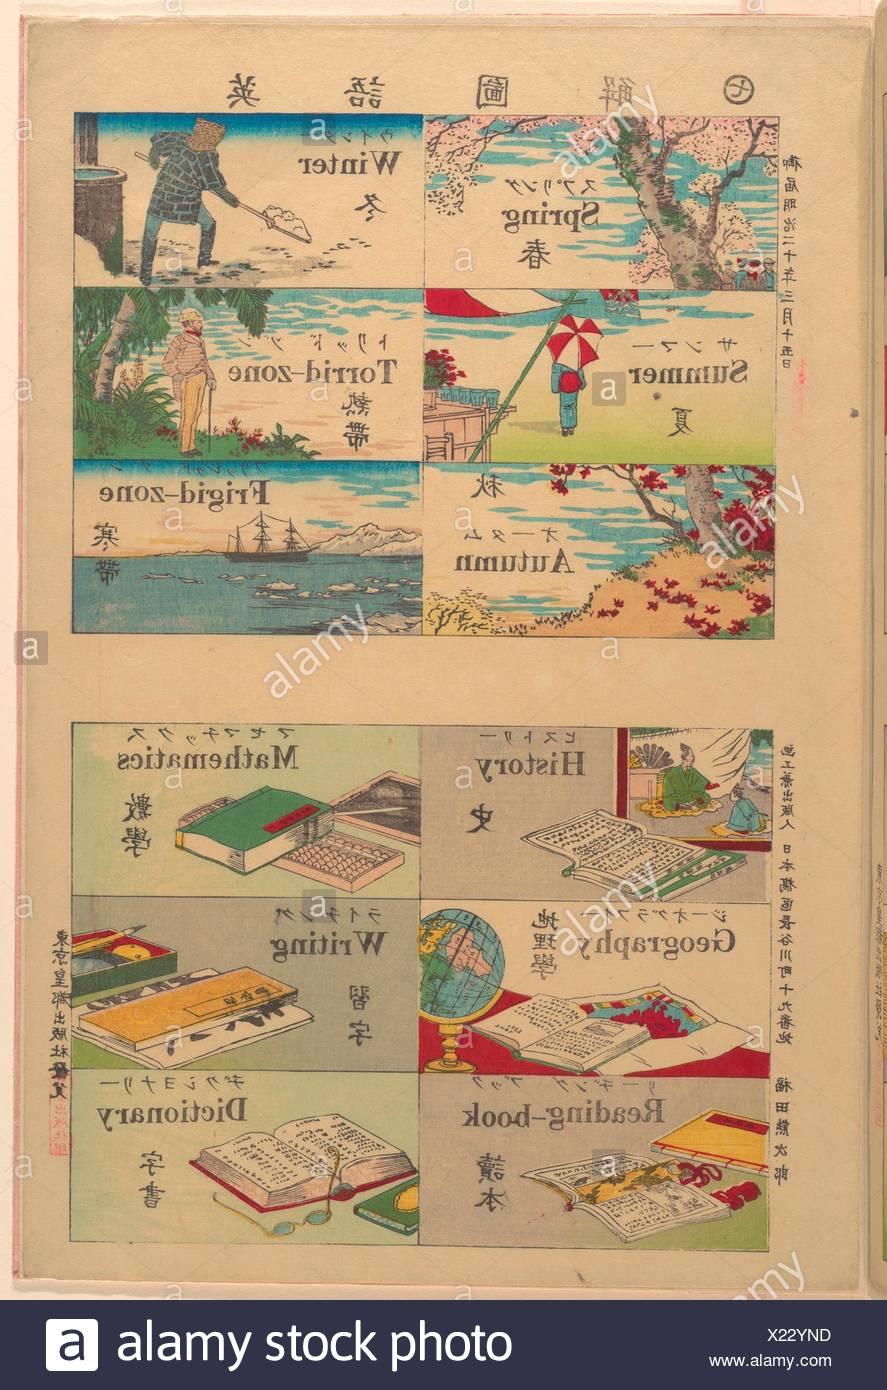 Dictionnaire Illustré. Artiste: l'Artiste non identifié; période: période Meiji (1868-1912); Date: 1887; Culture: Japon; moyen: estampe Polychrome; Photo Stock